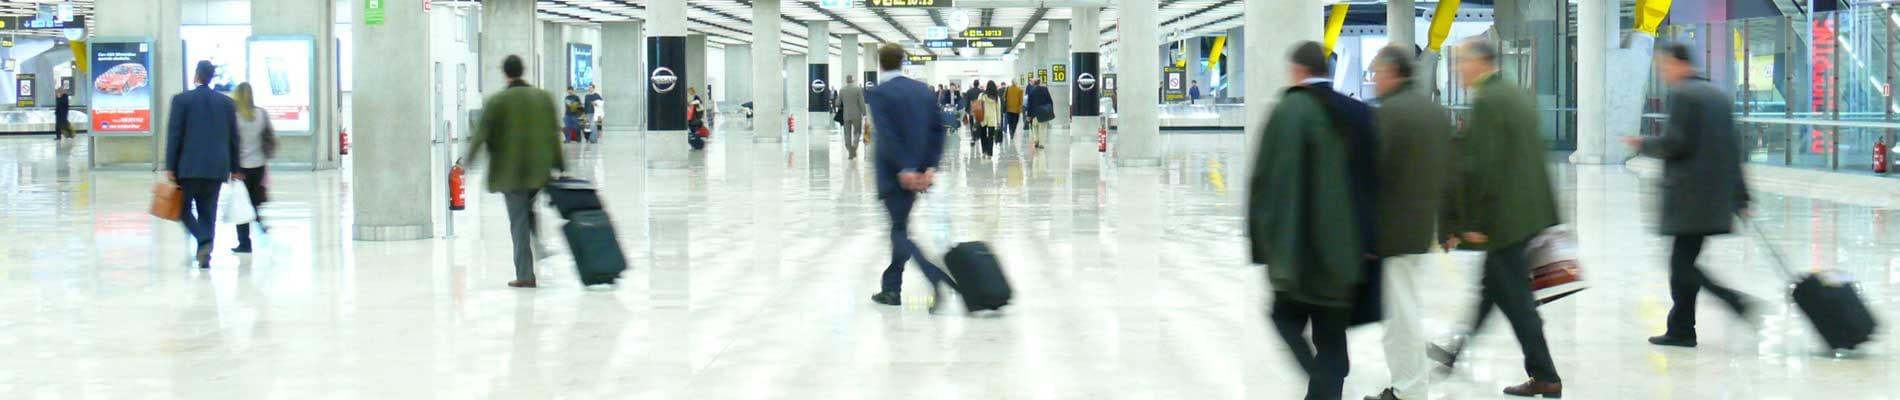 Personal de puertos y aeropuertos